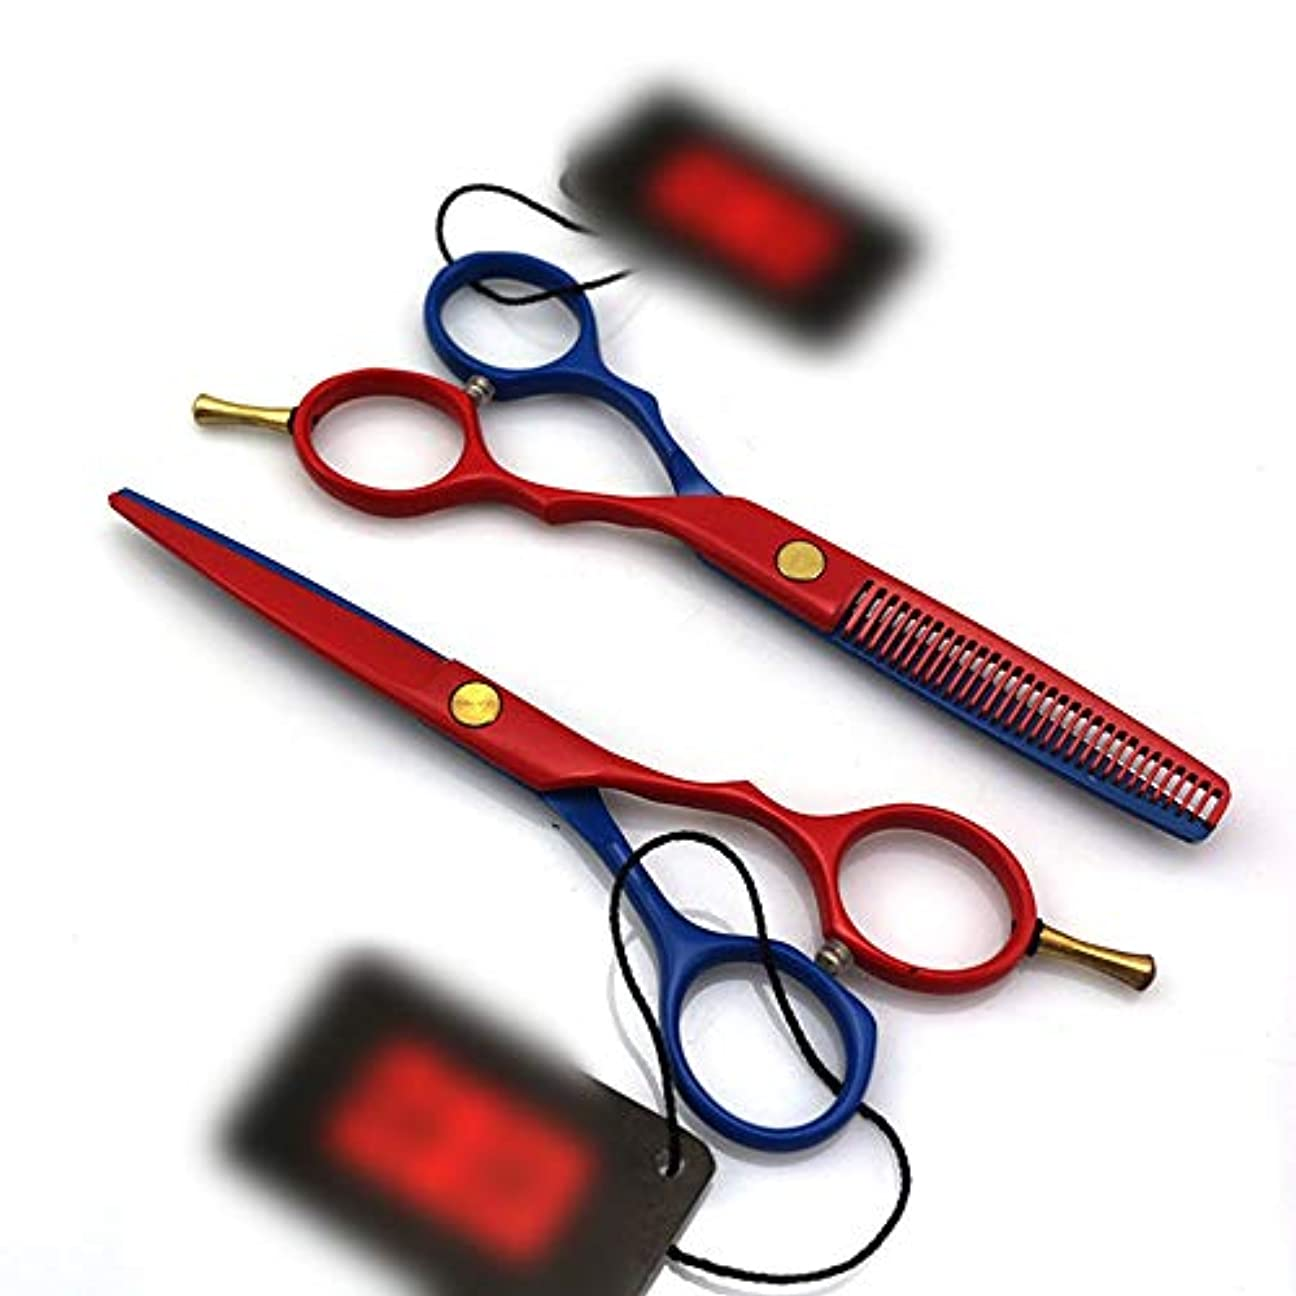 に話すだらしないフェデレーションカラーペイントシリーズ理髪はさみ、5.5インチフラット+歯はさみセット ヘアケア (色 : Red and blue)